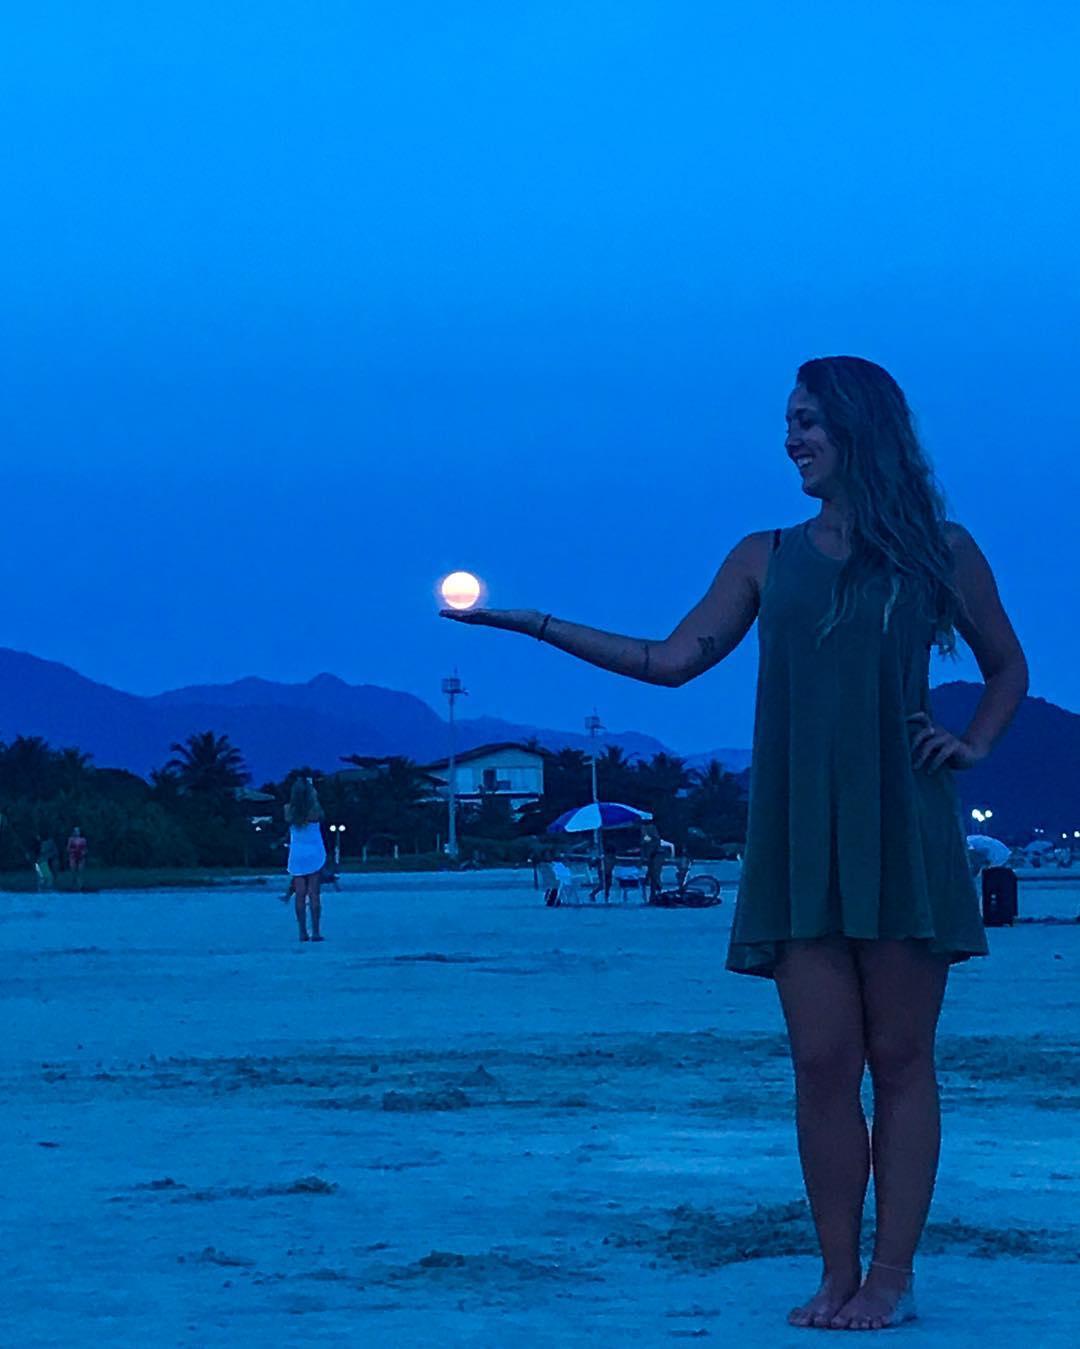 Imagem da Jéssica em uma praia e ao fundo a lua cheia